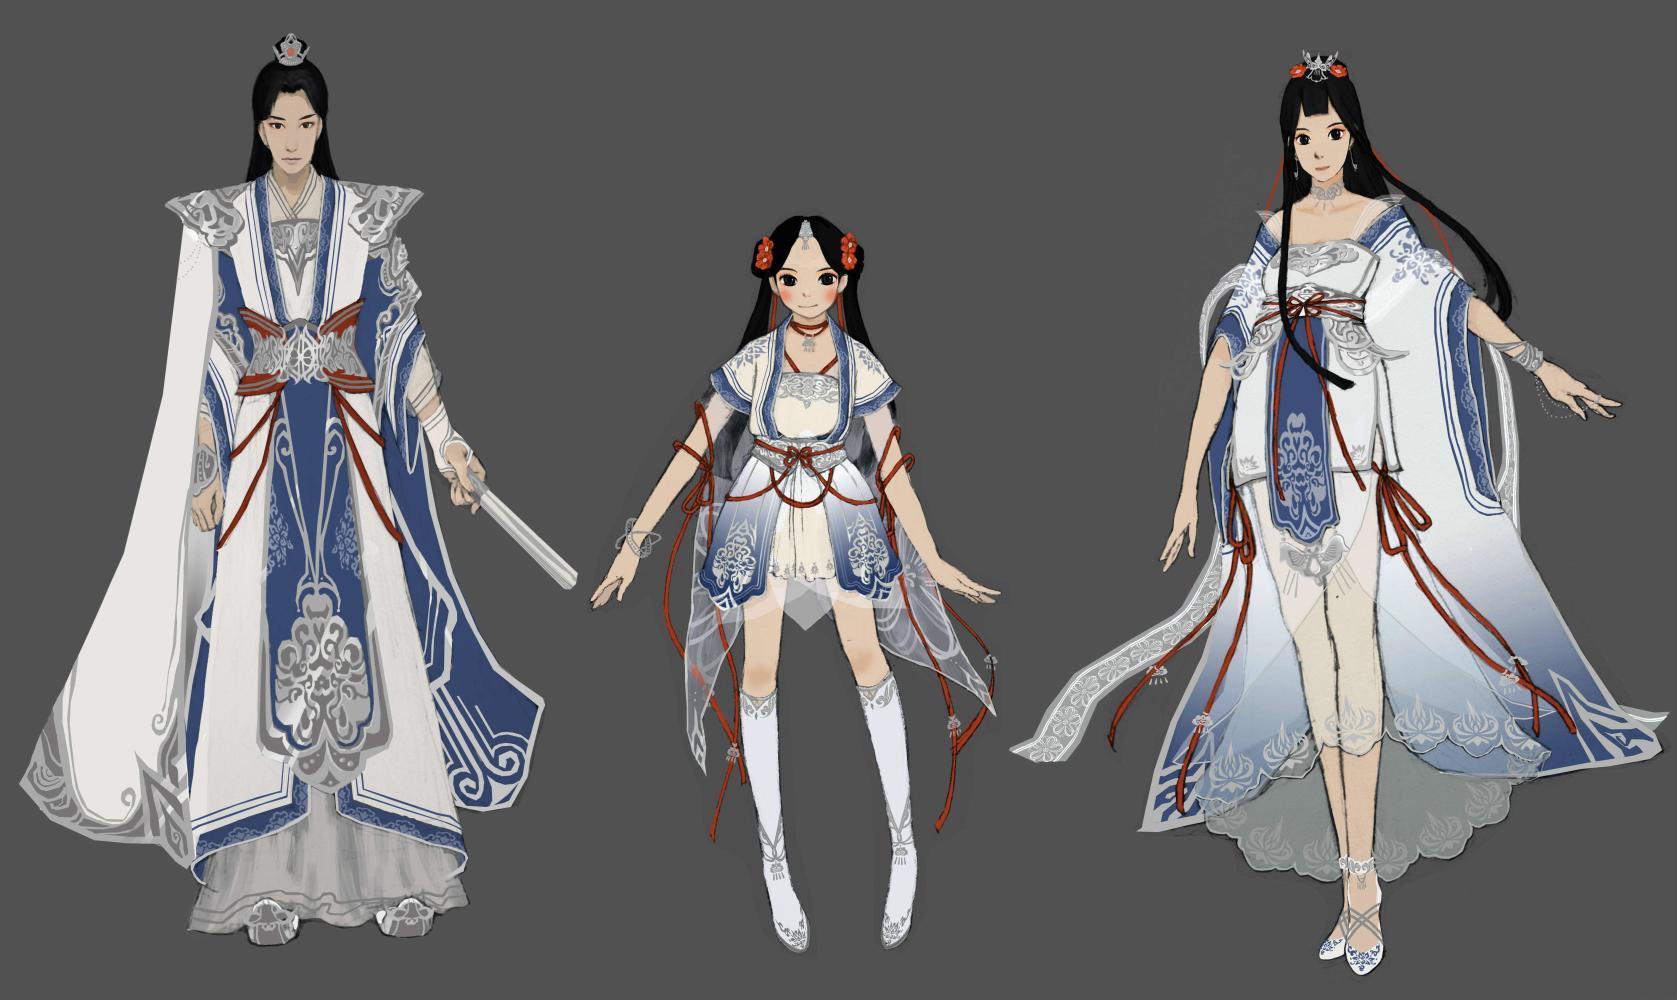 天涯明月刀2017时装设计欣赏第三期 本期主题轻纱, 仙